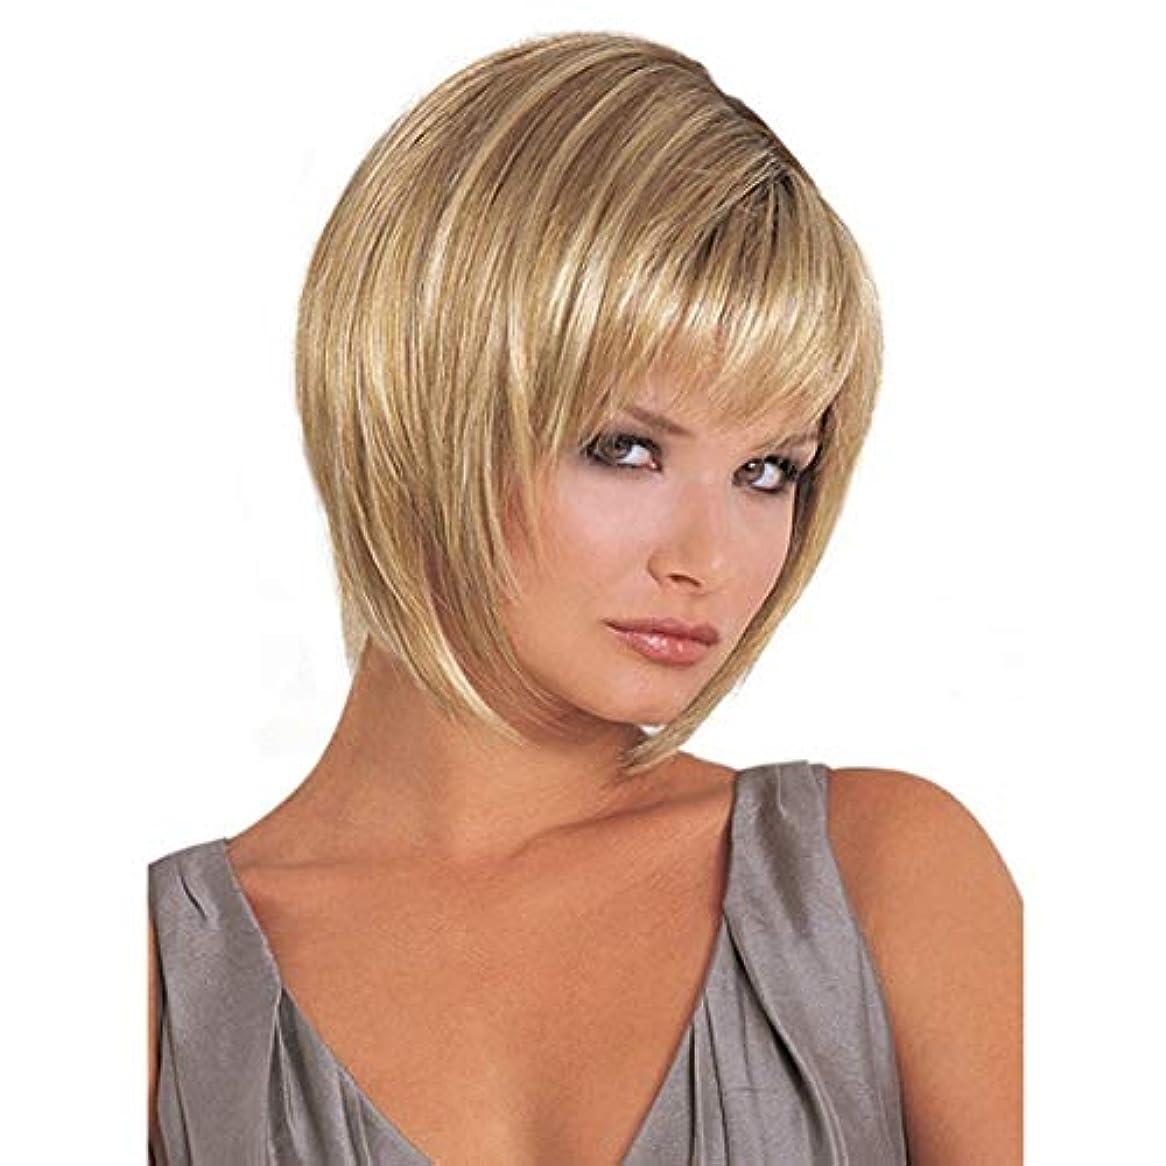 アマチュアホール平日Koloeplf ふわふわのマイクロボリューム現実的なかつら女性のための短いカーリーナチュラルカラーゴールドかつら白髪用かつら20cm / 25cm